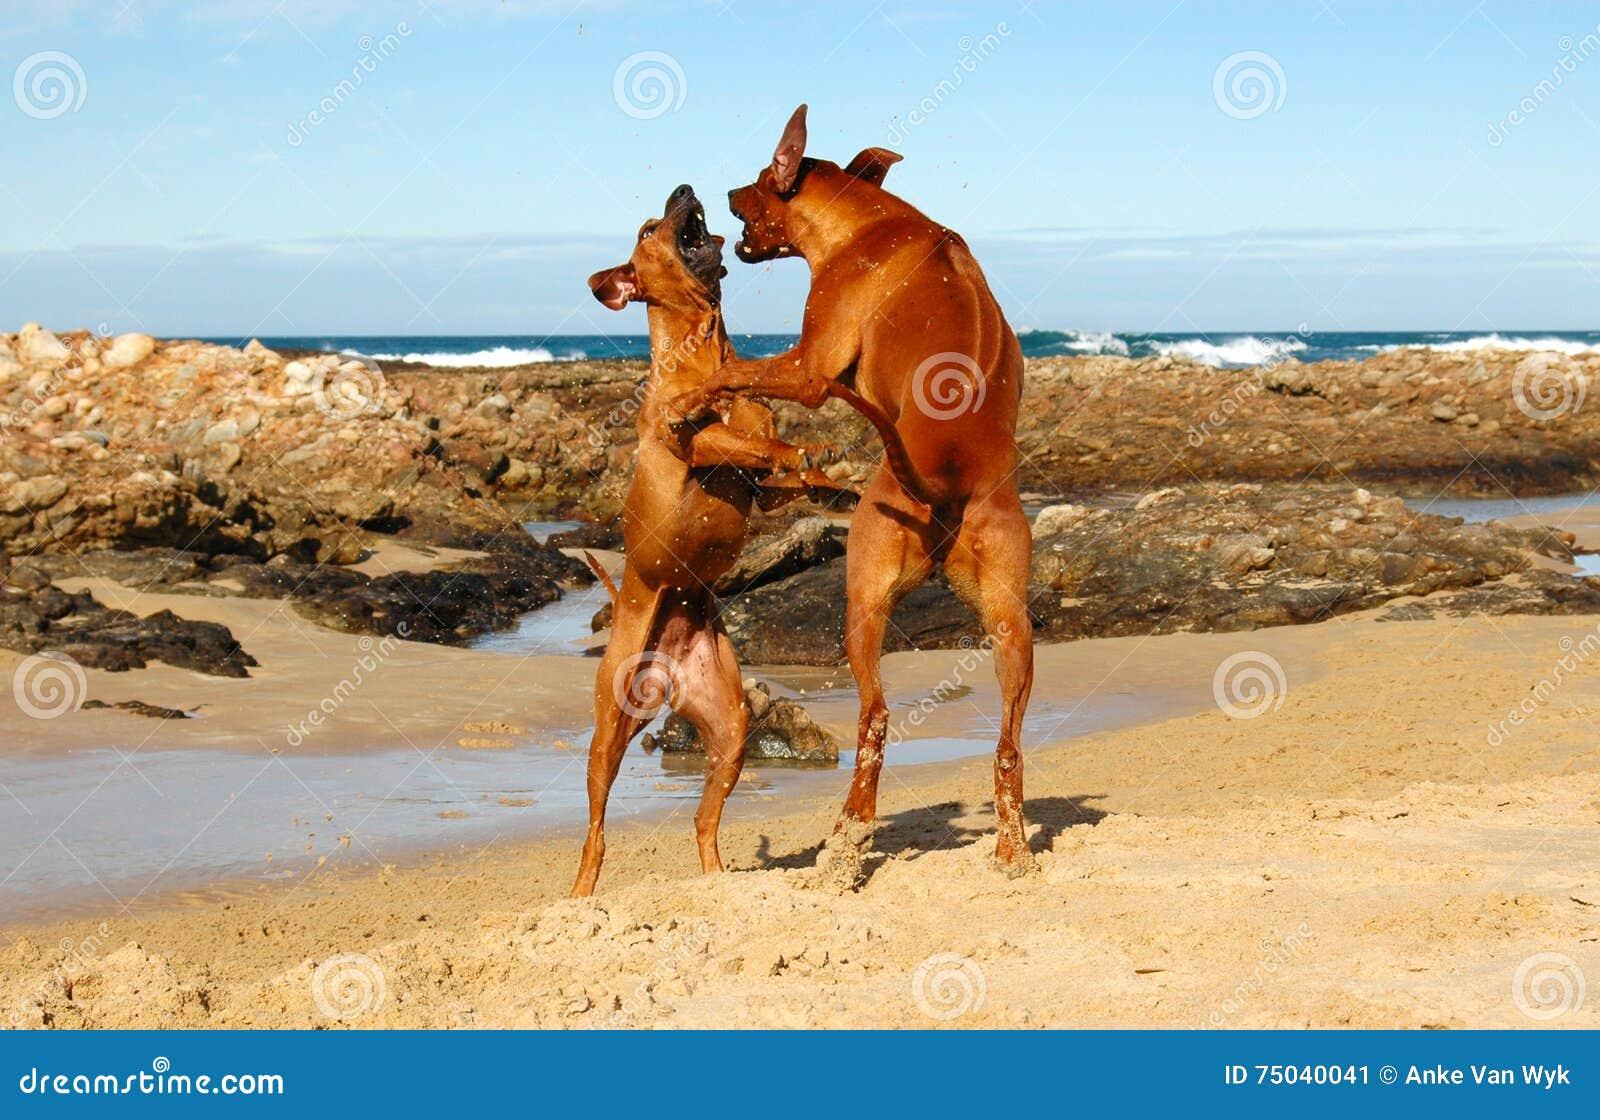 Strandhonden het spelen